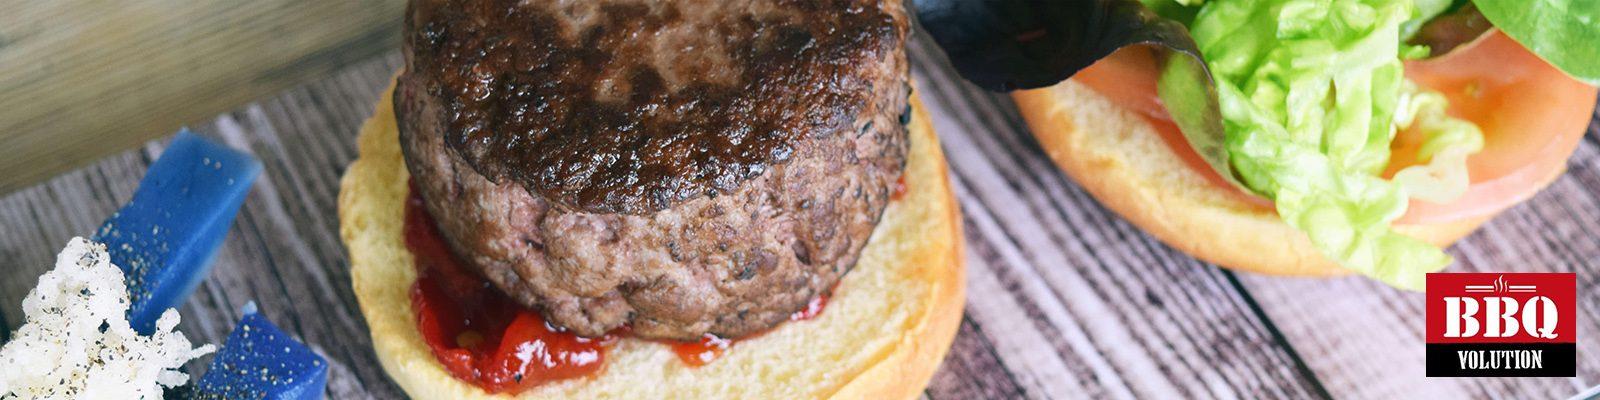 Hamburguesa de Angus 100% natural BBQ